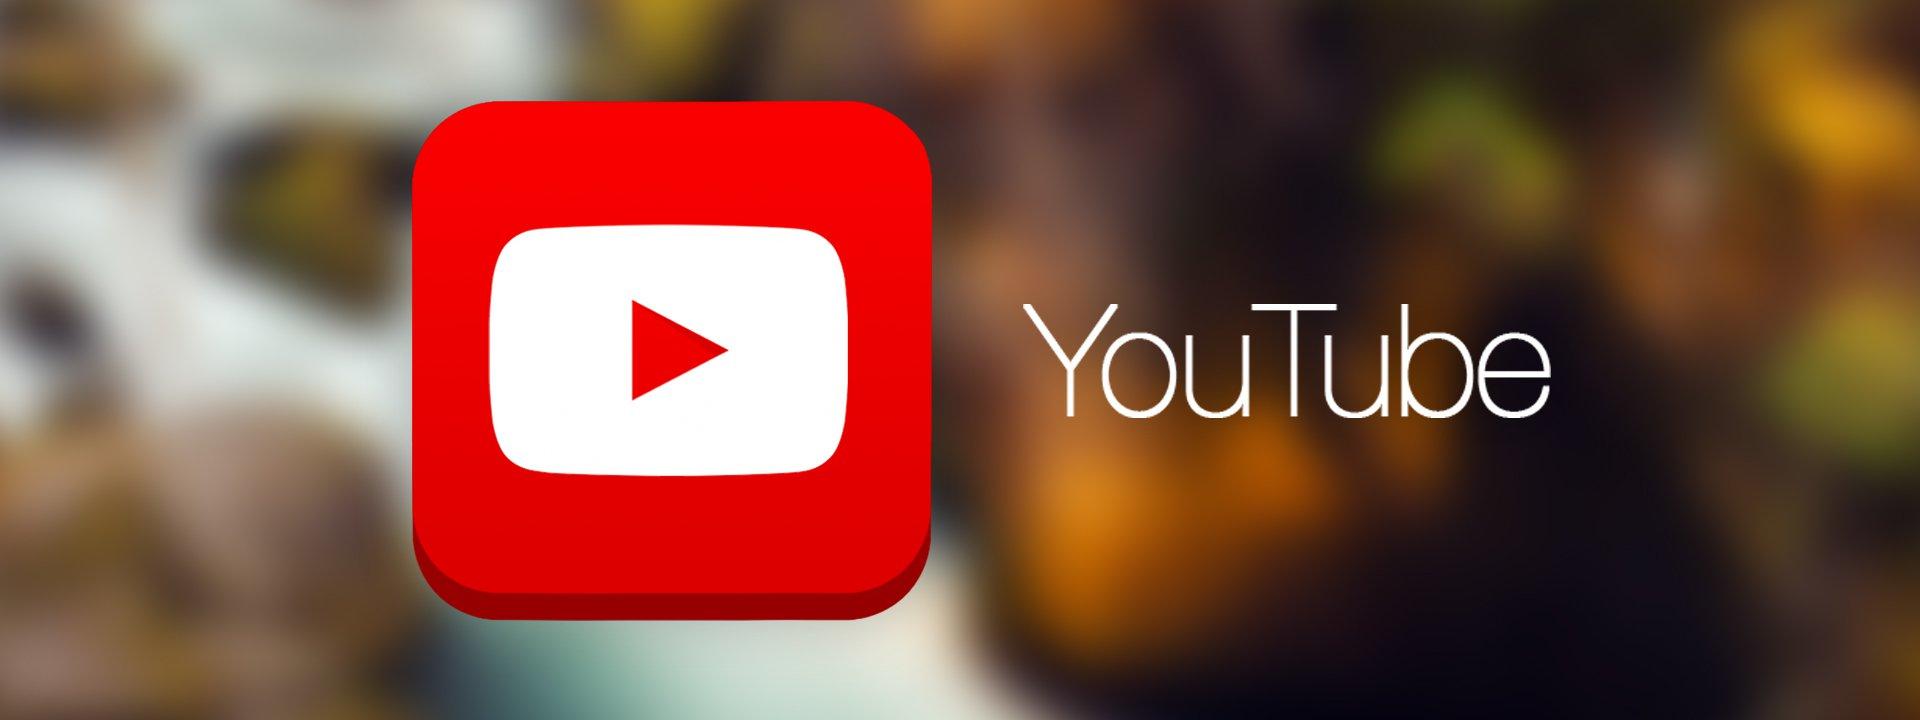 YouTube улучшил свои результаты поиска: что поменялось? - Фото 1